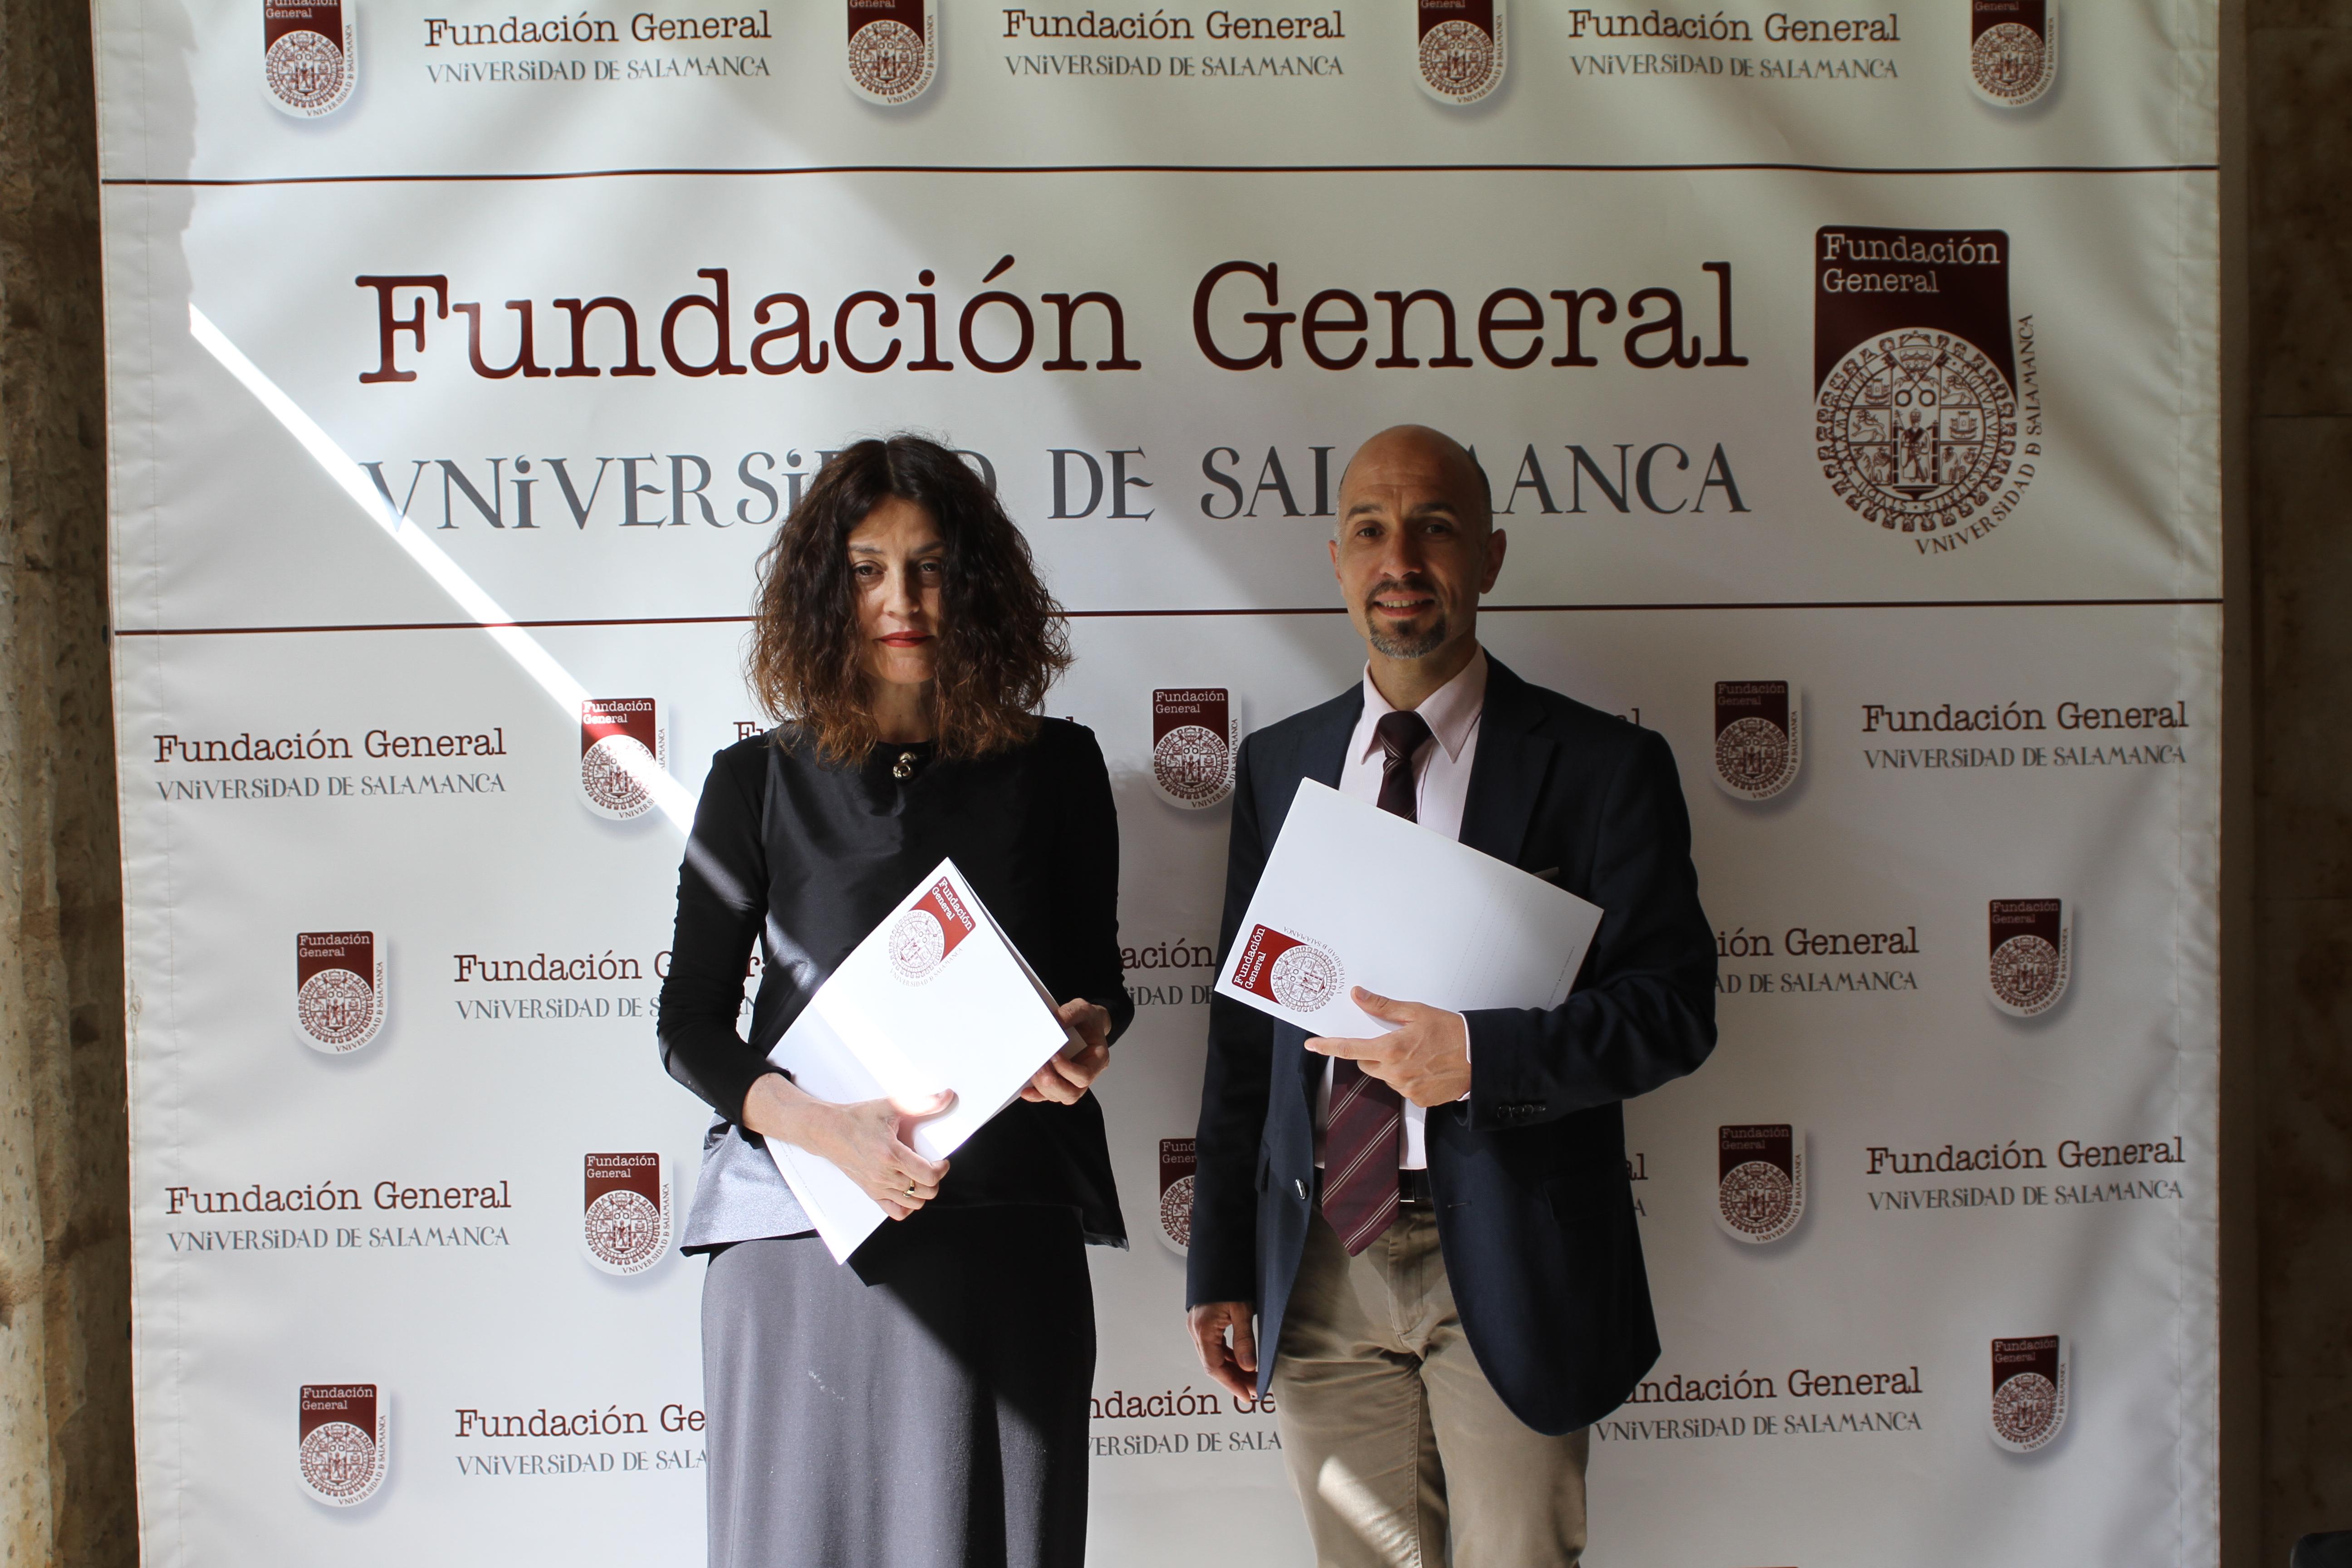 La diseñadora Fely Campo firma un convenio con la Fundación General de la Universidad de Salamanca para la realización de actividades conjuntas